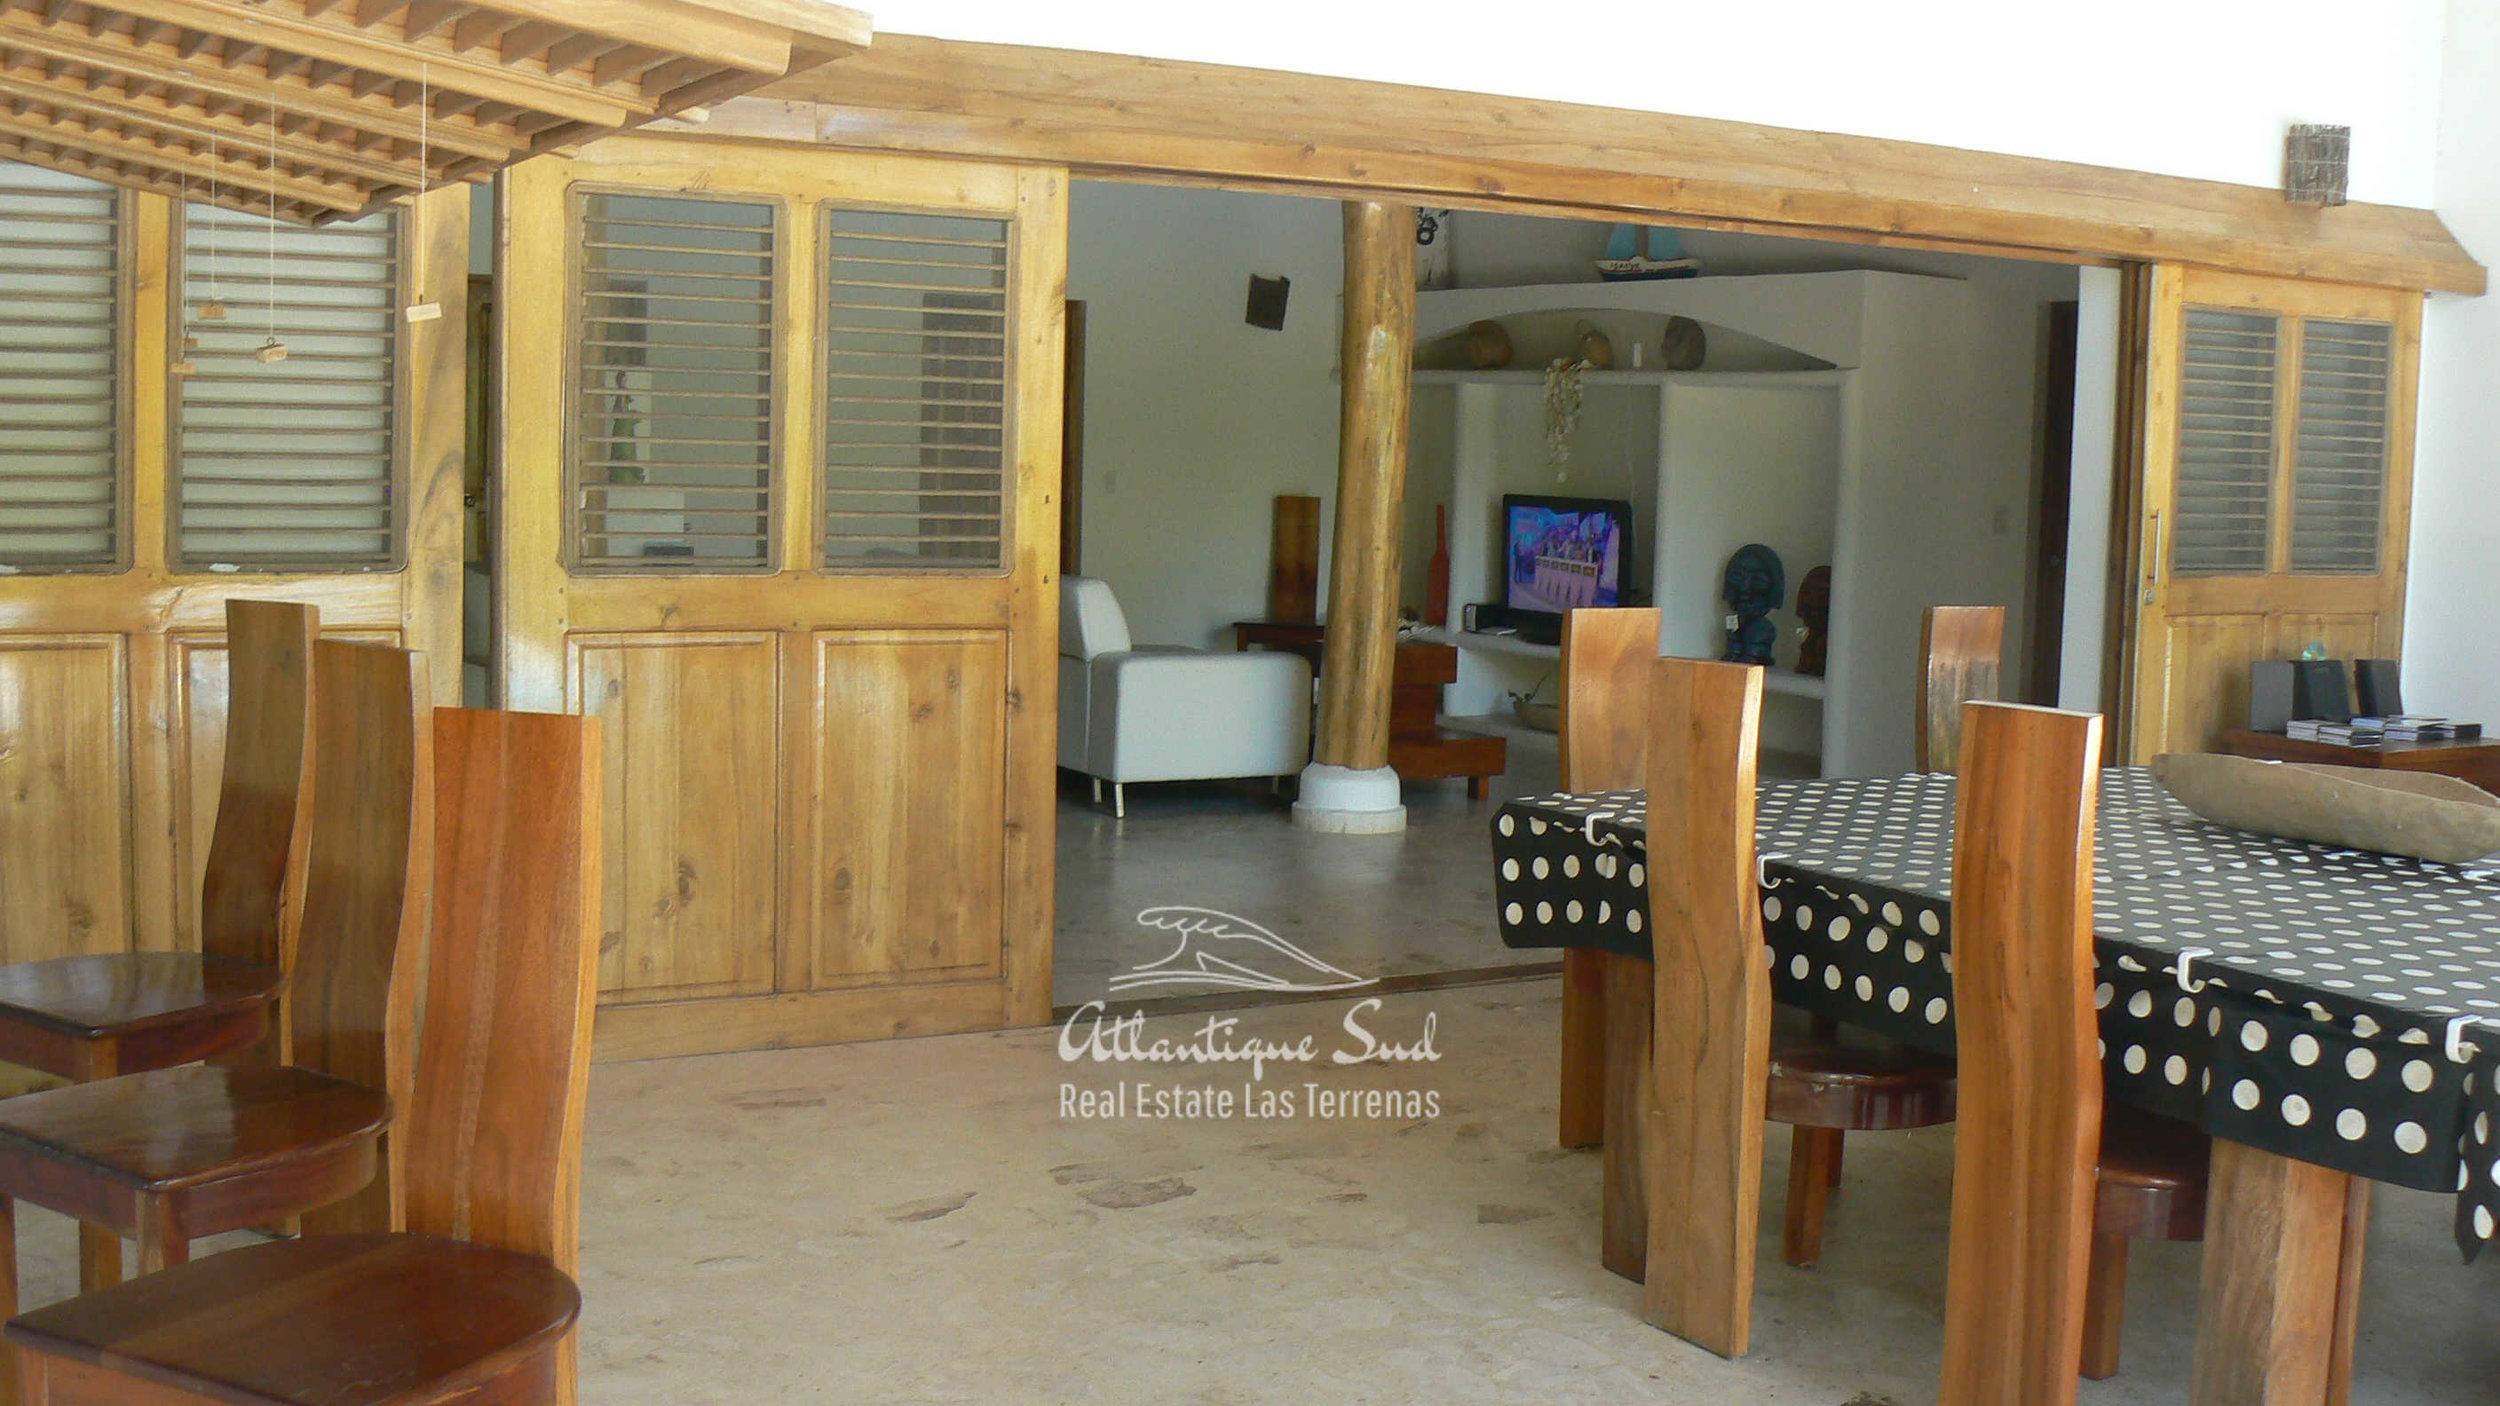 Villa in los nomadas for sale Las Terrenas DR 14.jpg